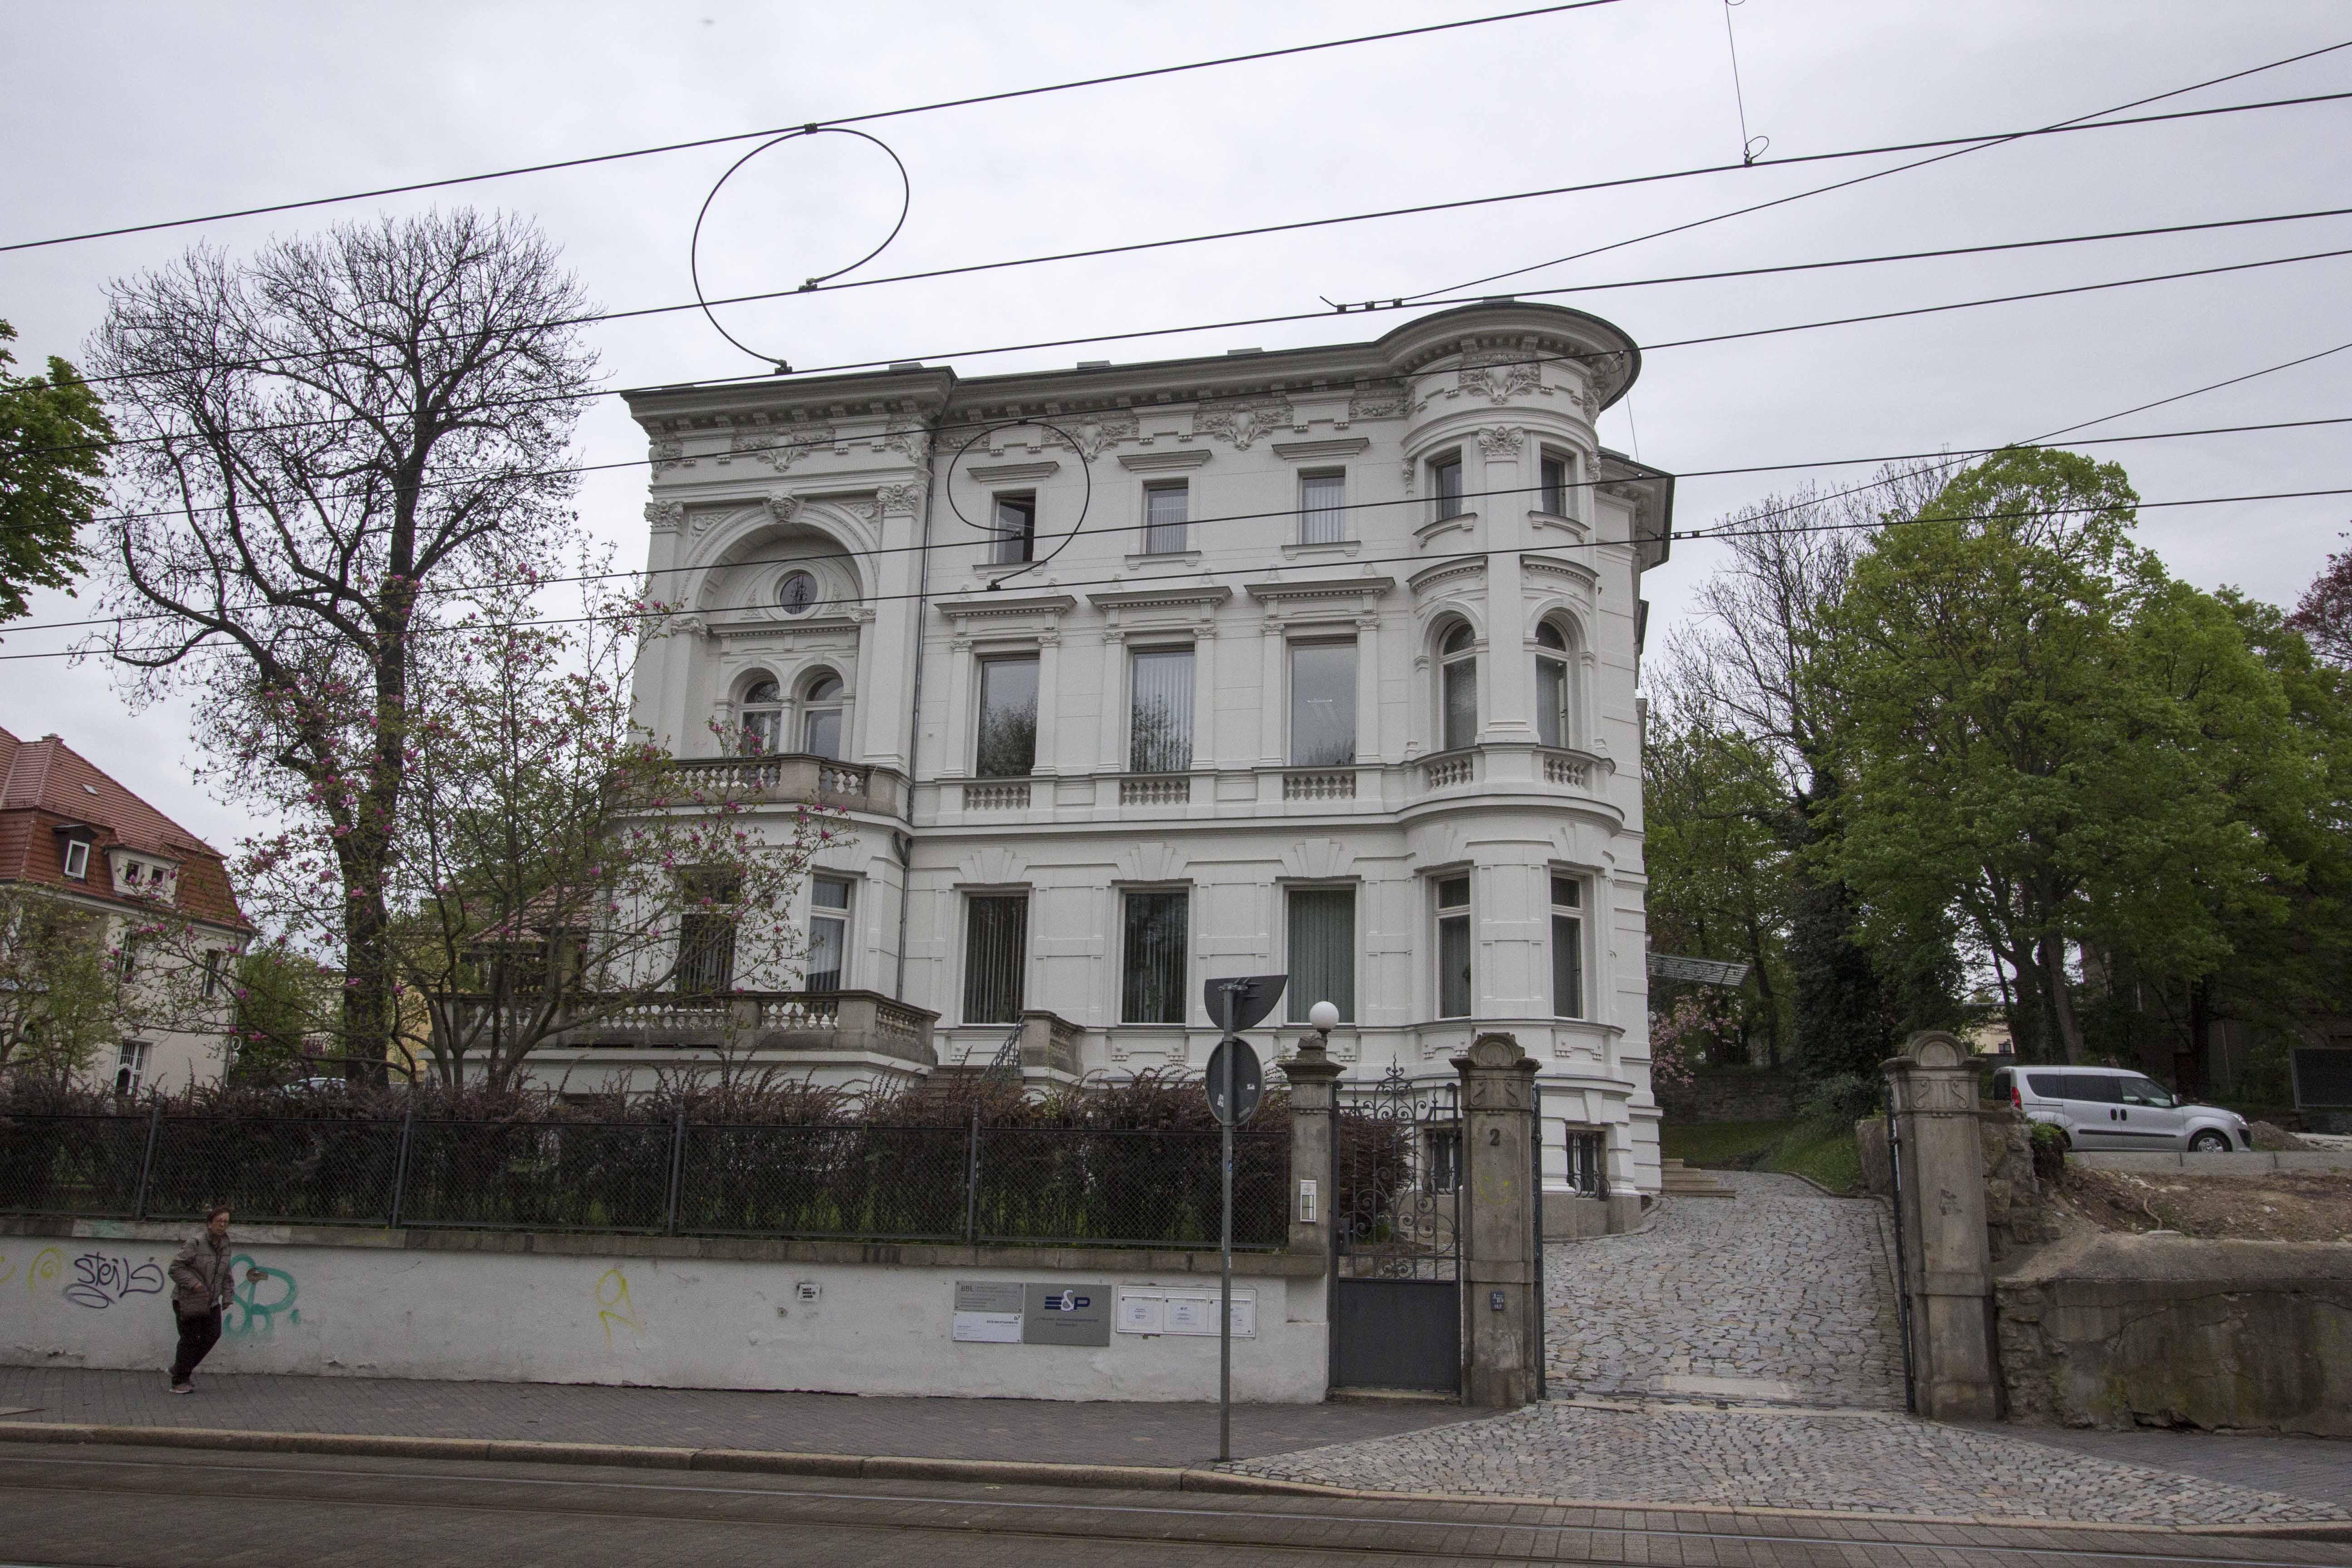 Architektur_27